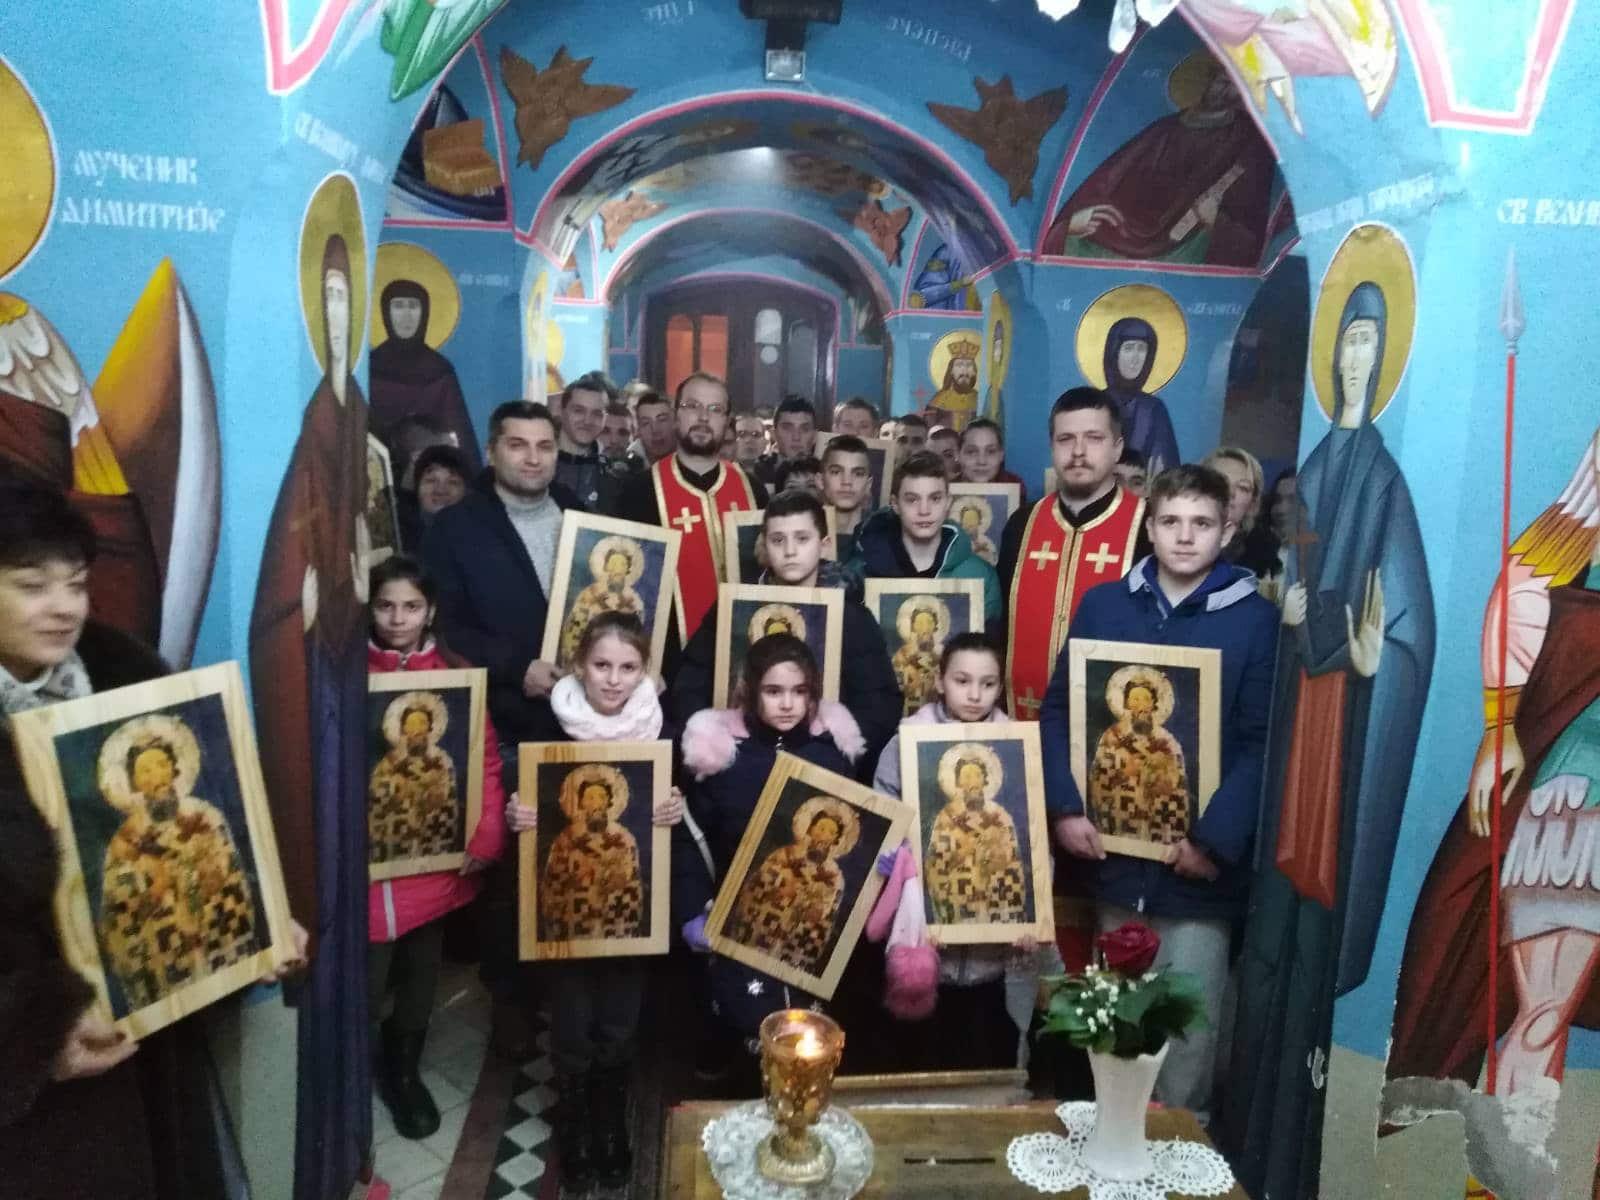 Освештање и додела икона Светог Саве на светосавским свечаностима  27.01.2020.